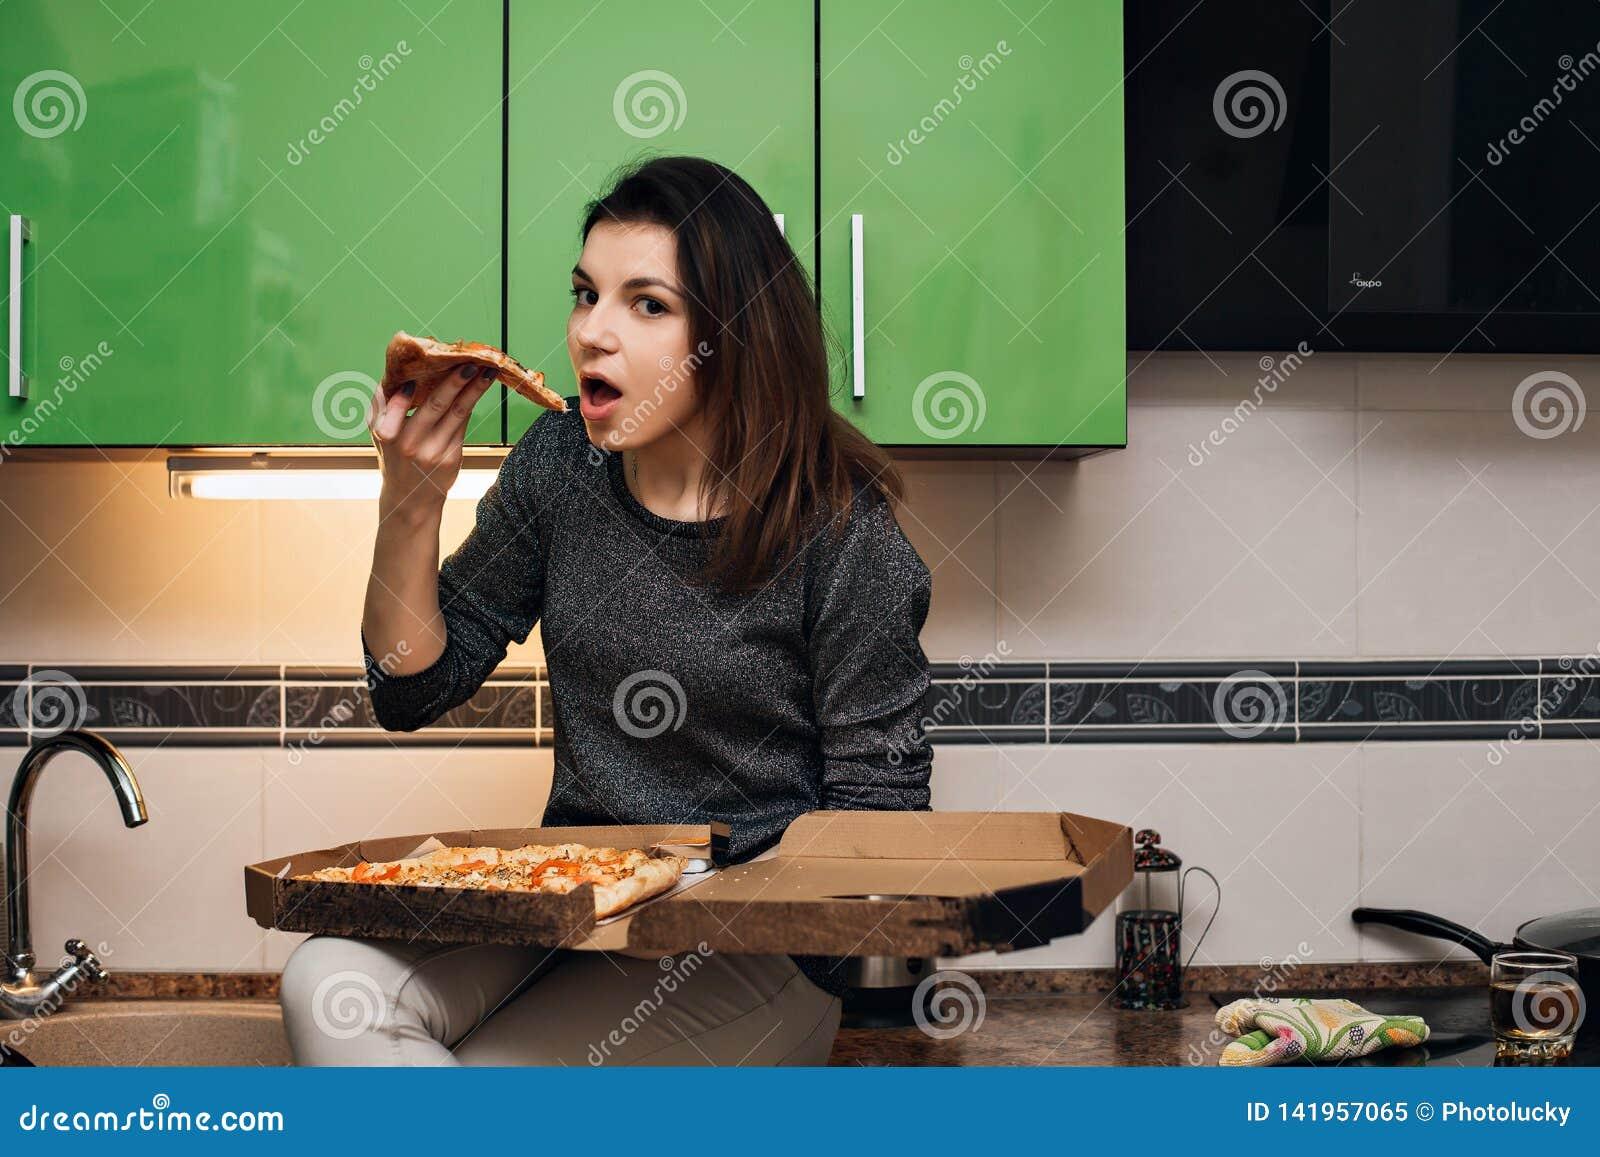 Эмоциональная девушка есть и держа горячую итальянскую пиццу